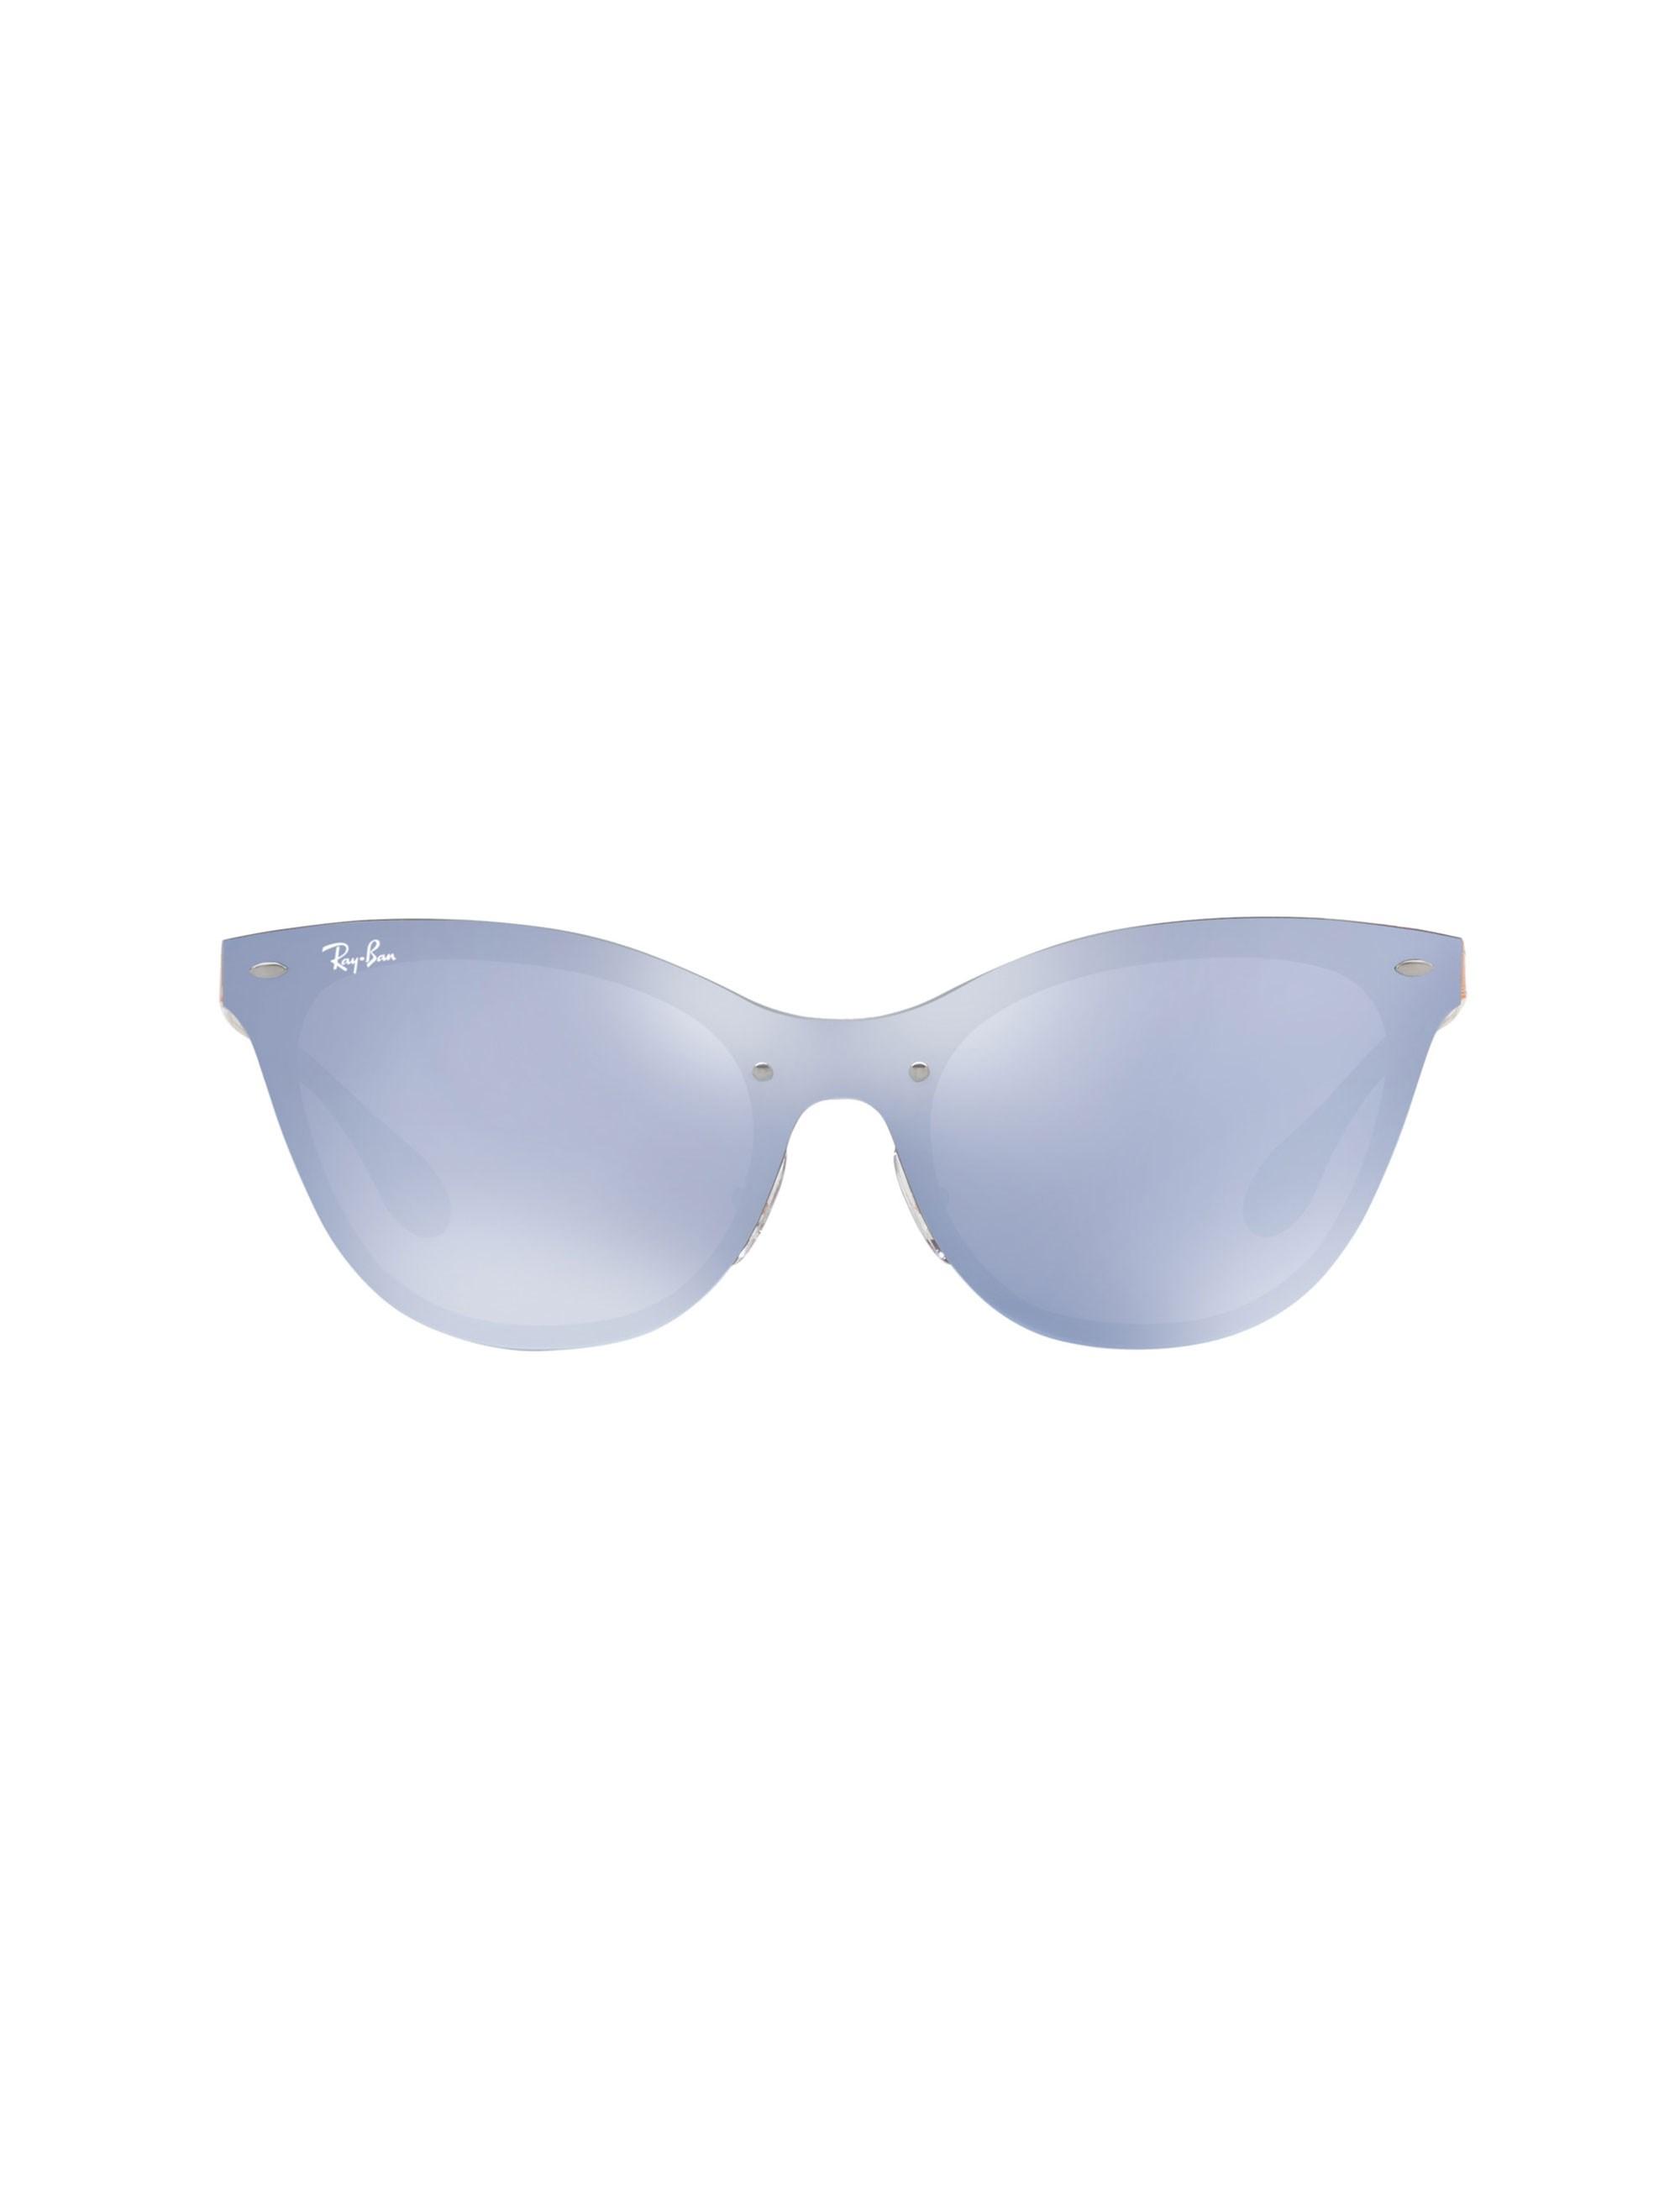 عینک آفتابی گربه ای زنانه - ری بن - مسي - 1